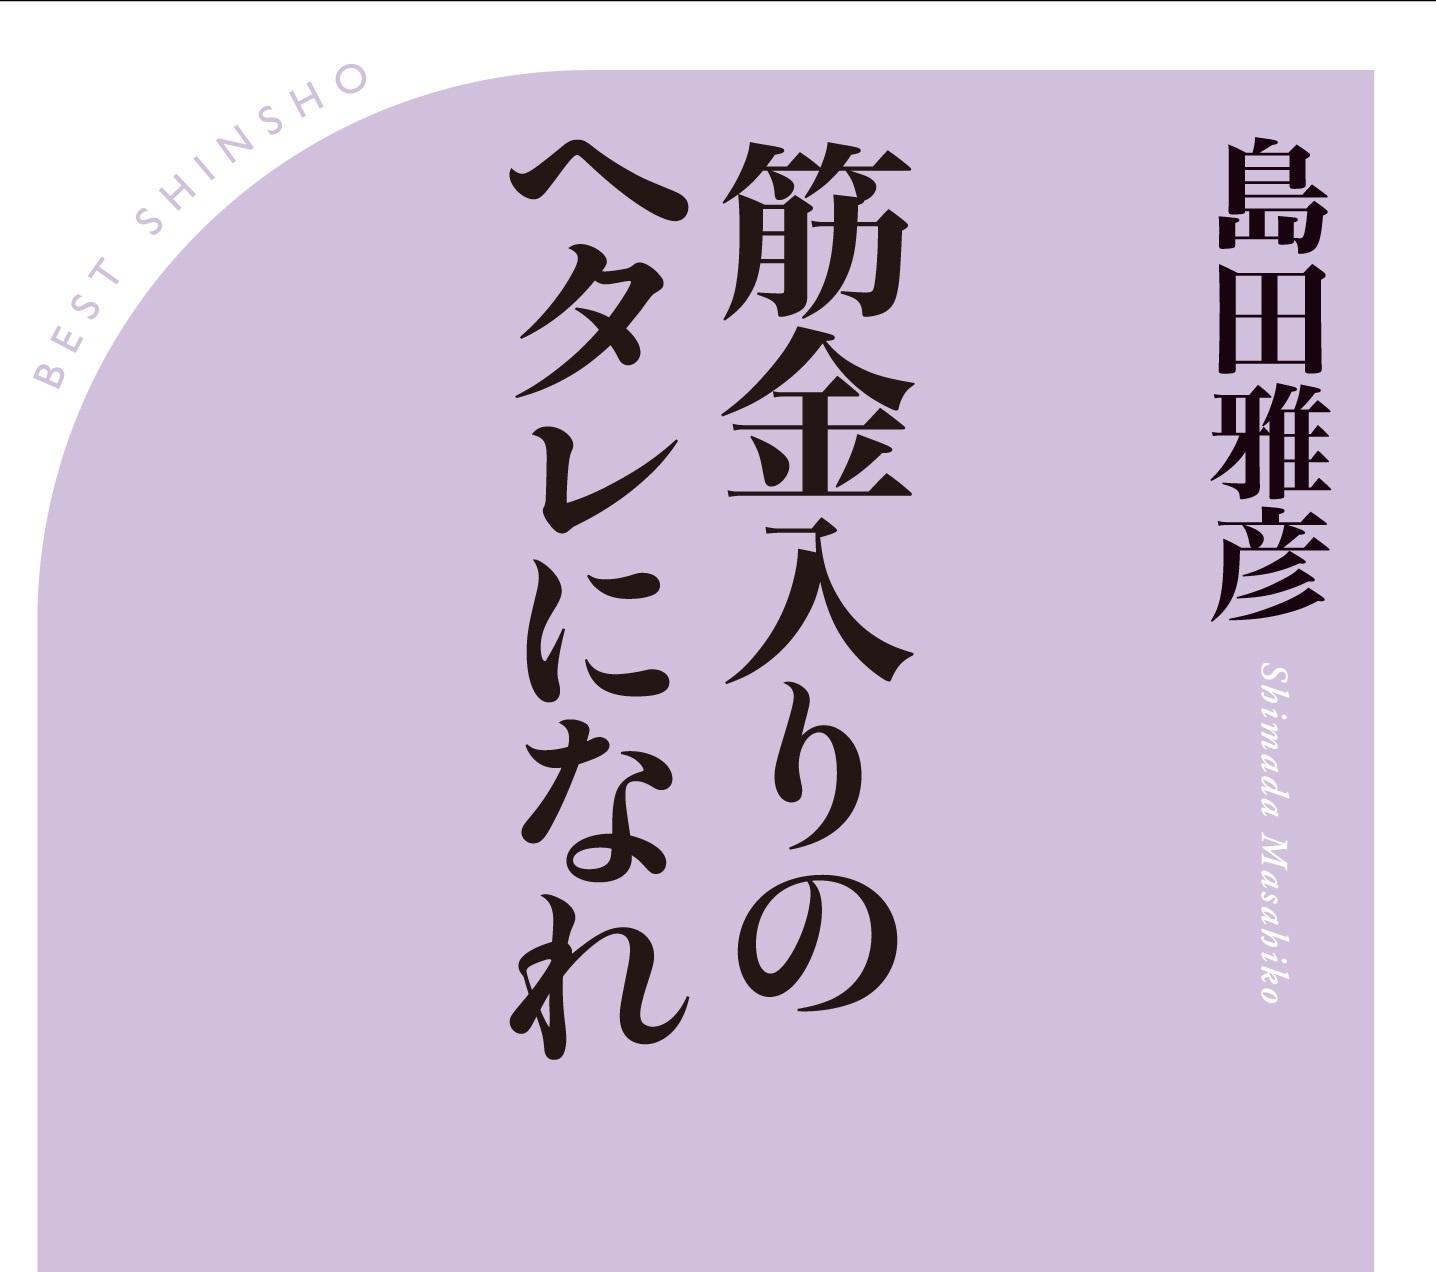 文豪にして大学教授でもある島田雅彦がモノ申す!<br />「若者よ、ヘタレを極めろ」という、その真意とは?